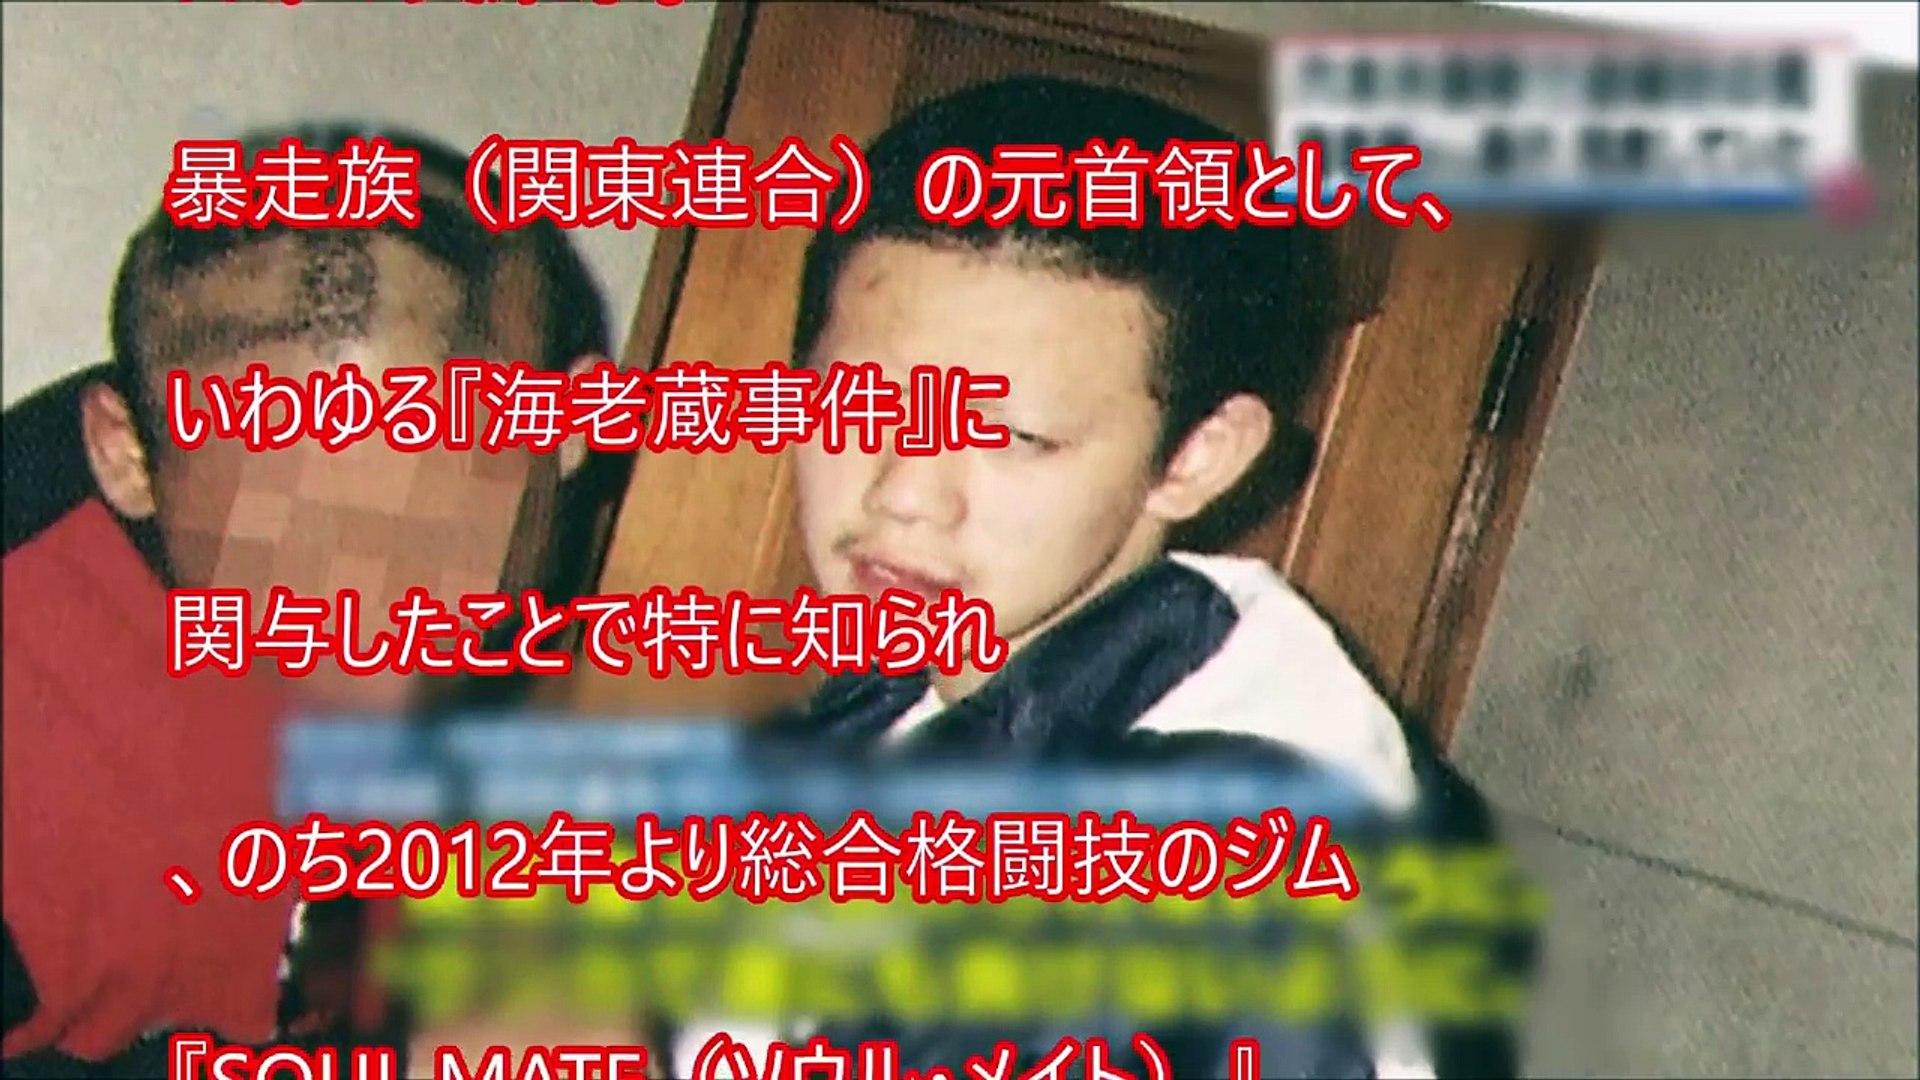 純 連合 関東 瓜田 士